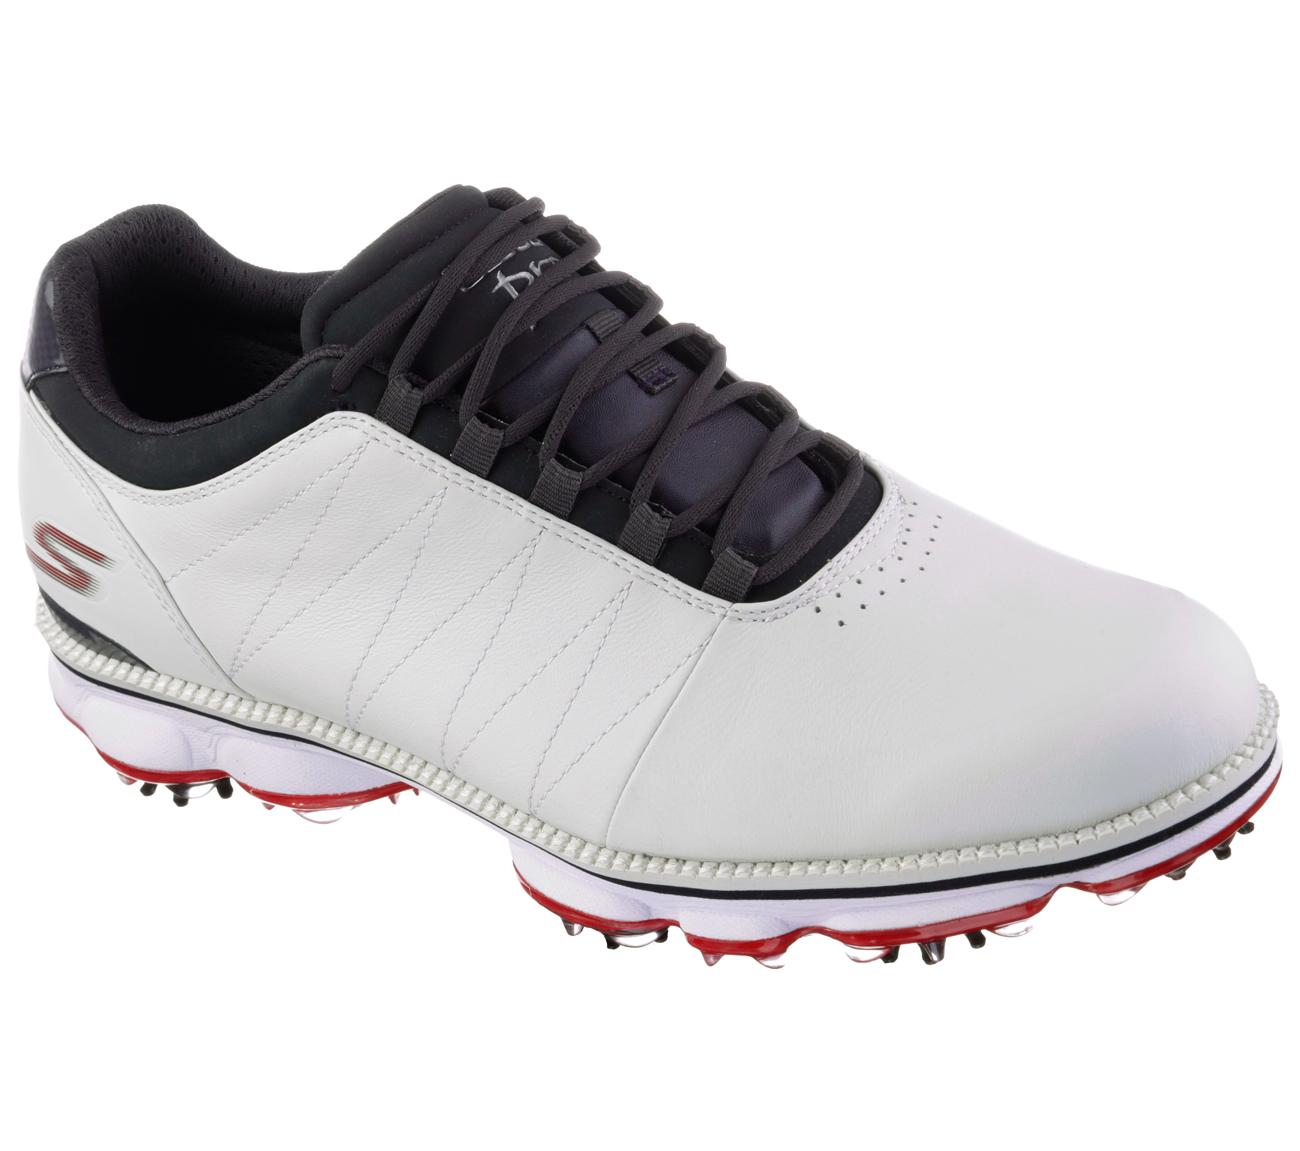 Oakley spikeless golf shoes